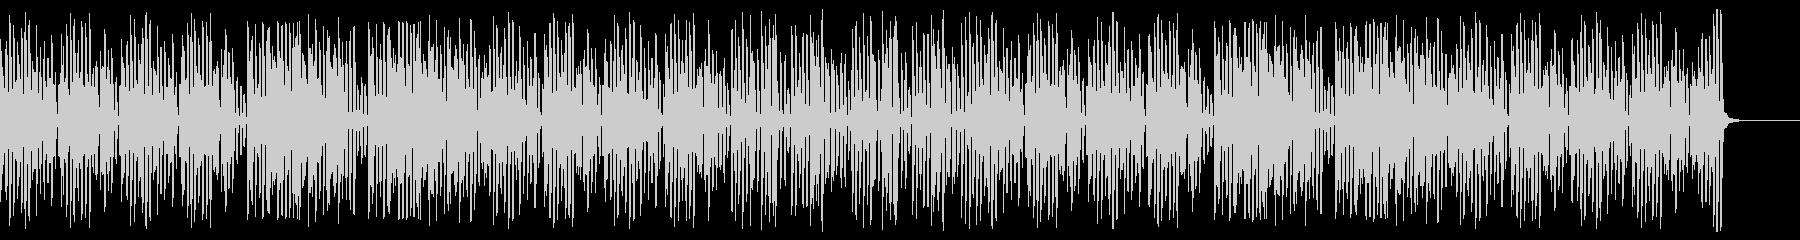 速い明るいハッピーなレトロジャズピアノの未再生の波形